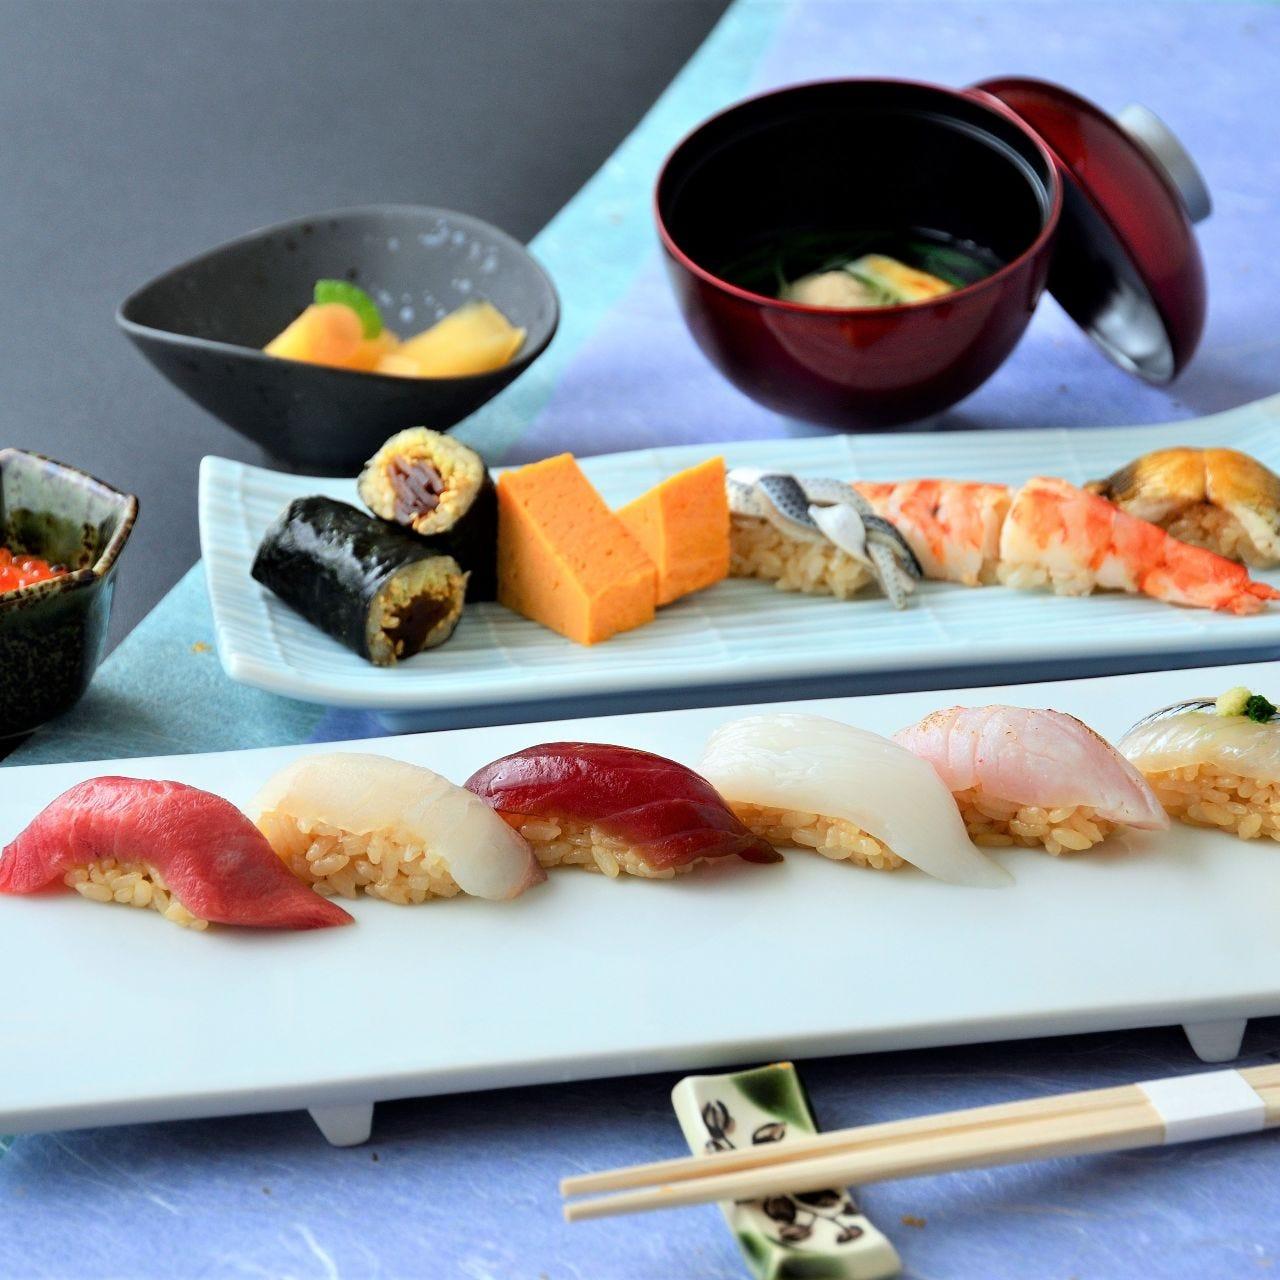 江戸前鮨を気軽に味わえるランチ にぎりセットと鮨会席で堪能